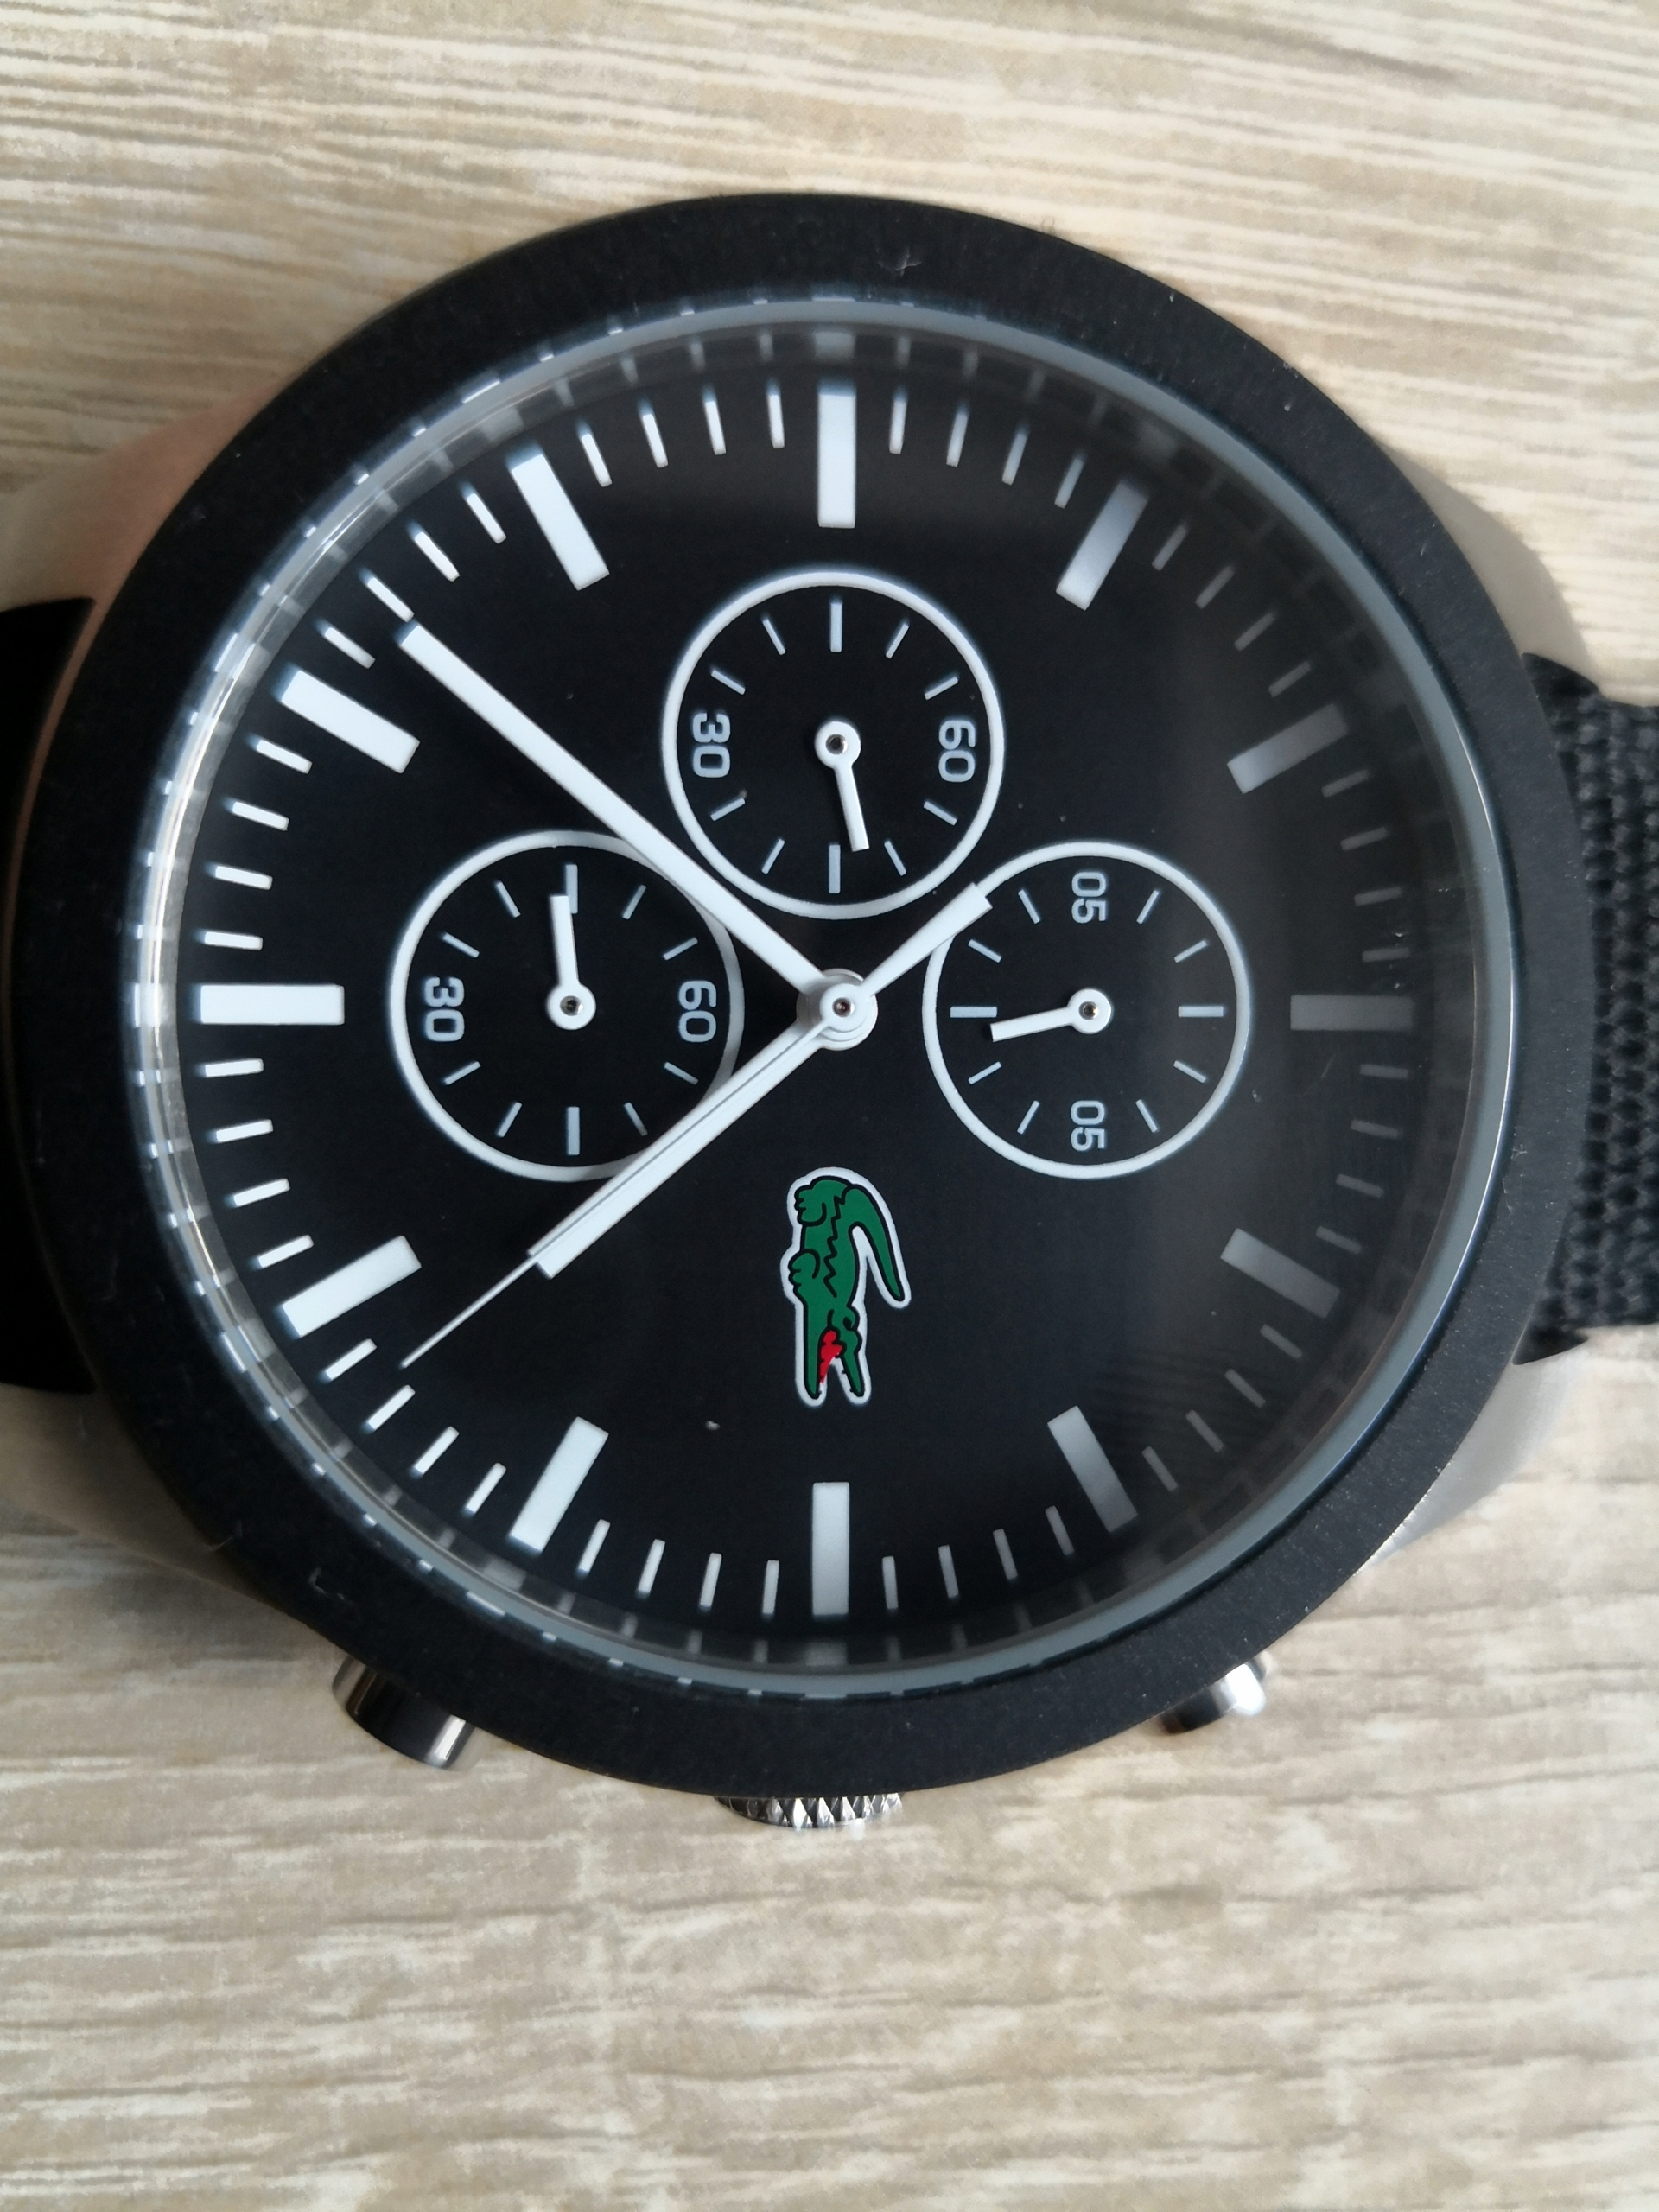 Męski zegarek Lacoste, Hugo Boss, damski Lacoste